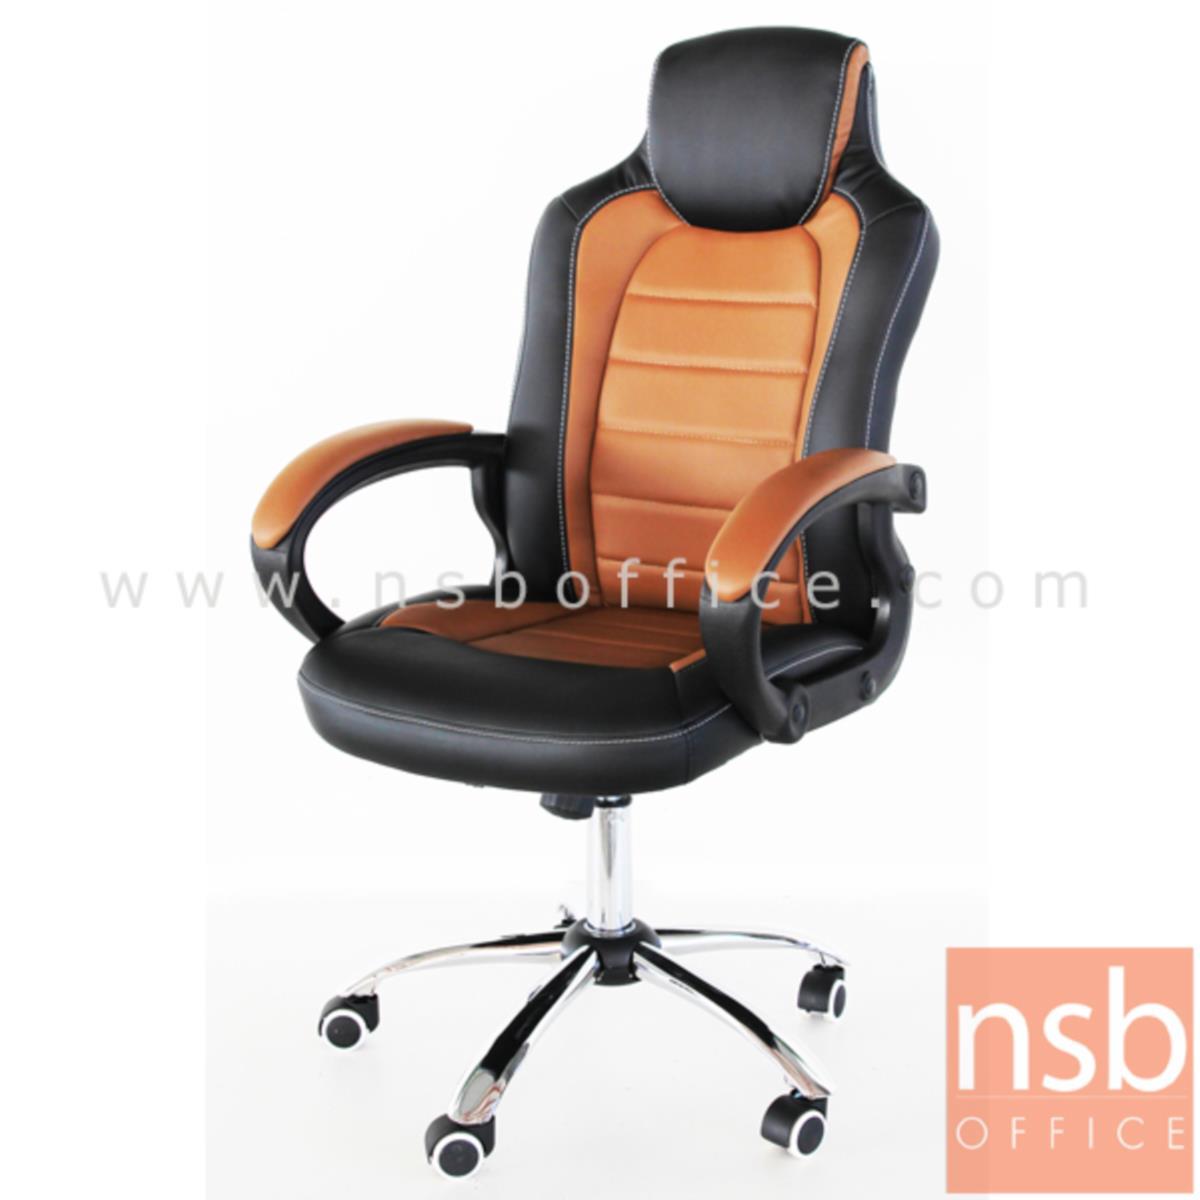 เก้าอี้ผู้บริหาร รุ่น GRAFTON-FIX  มีก้อนโยก ขาเหล็กชุบโครเมี่ยม